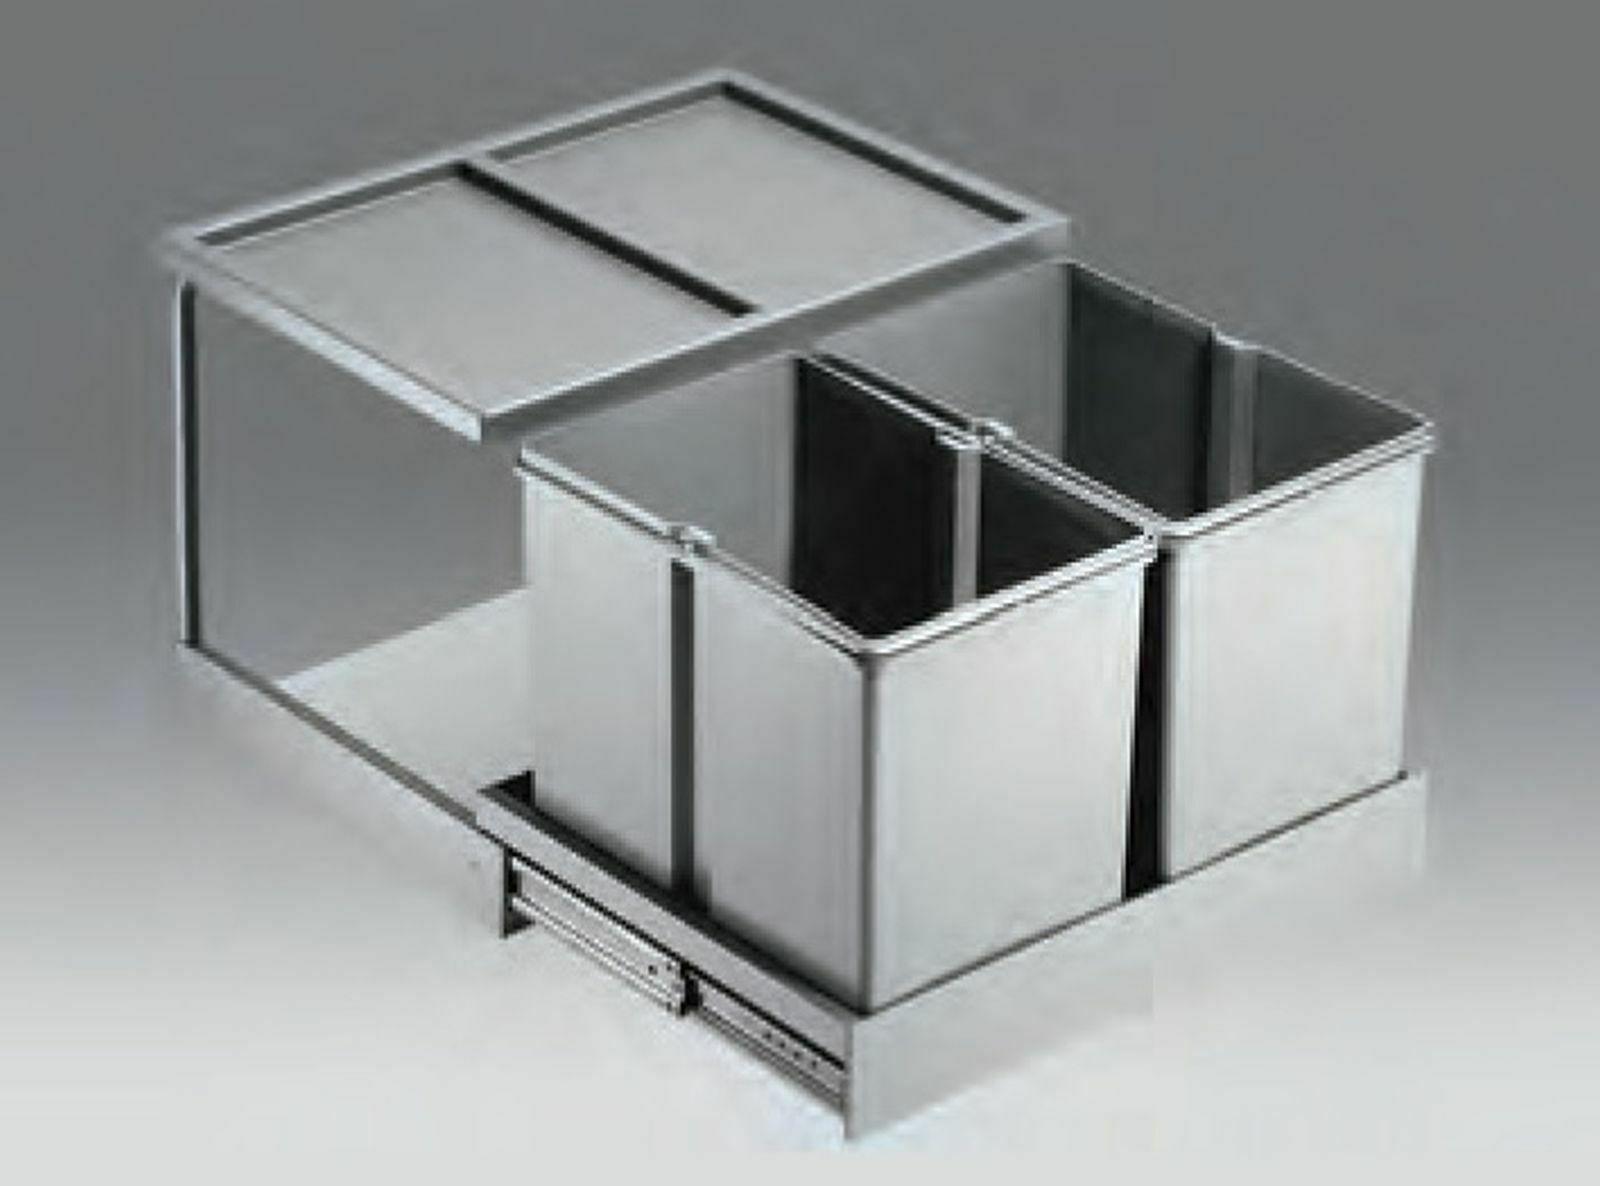 Küchen Einbau Mülleimer Wesco Müllsystem 30 L Mülltrenner Abfalleimer *40741